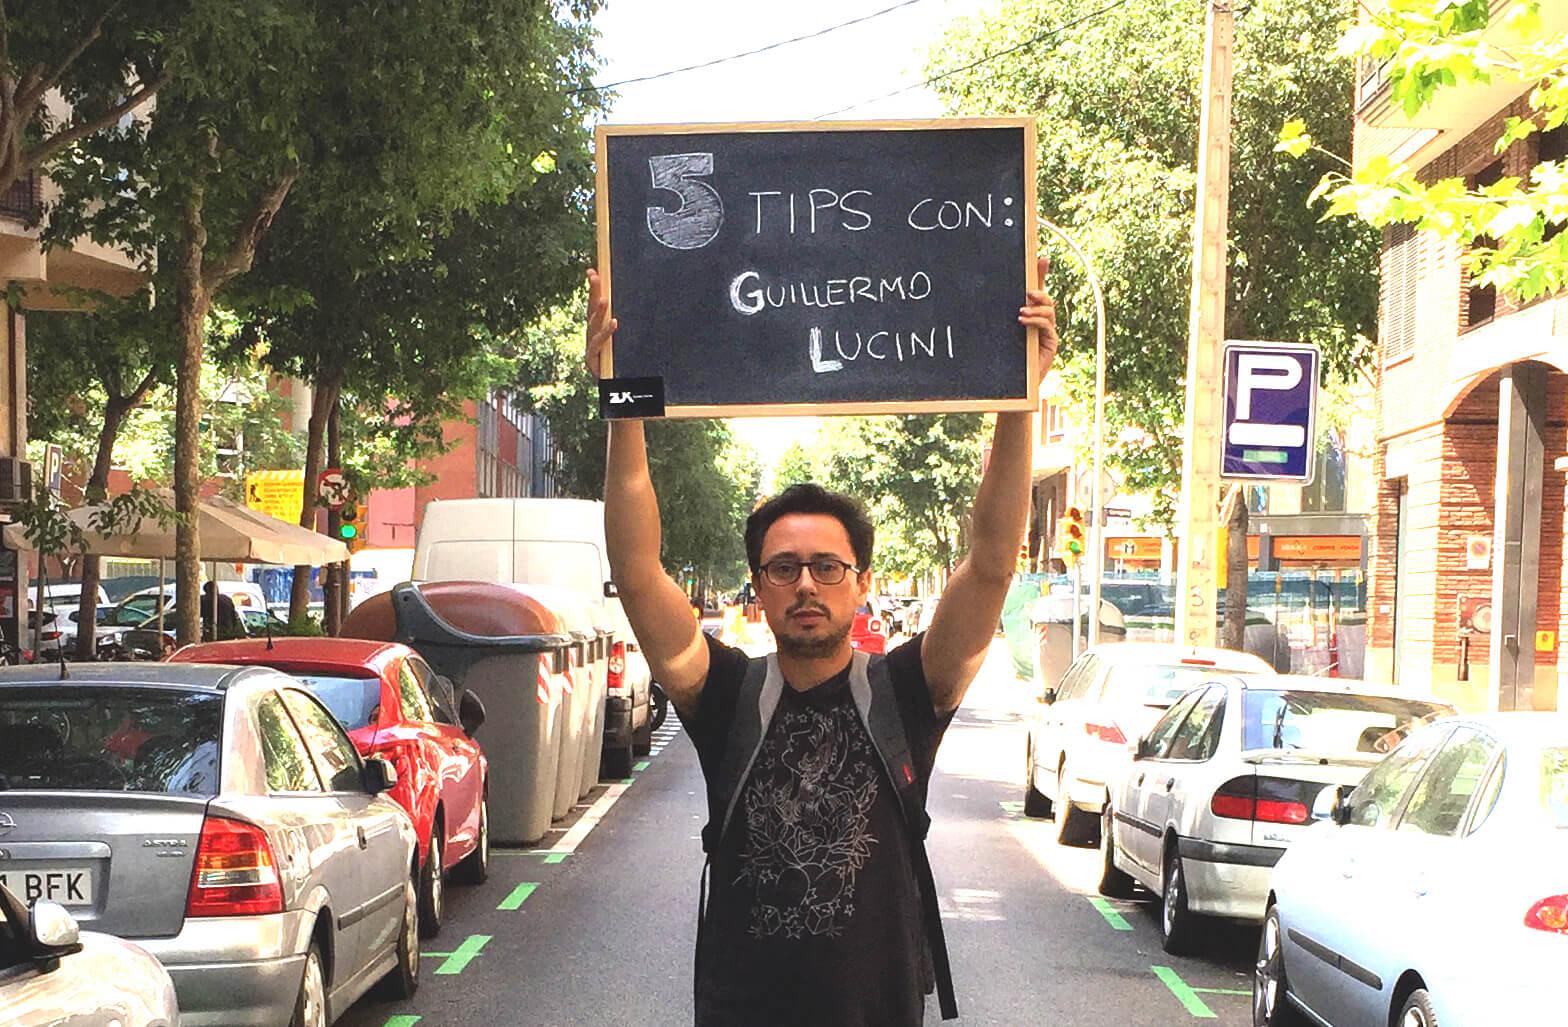 Guillermo Lucini